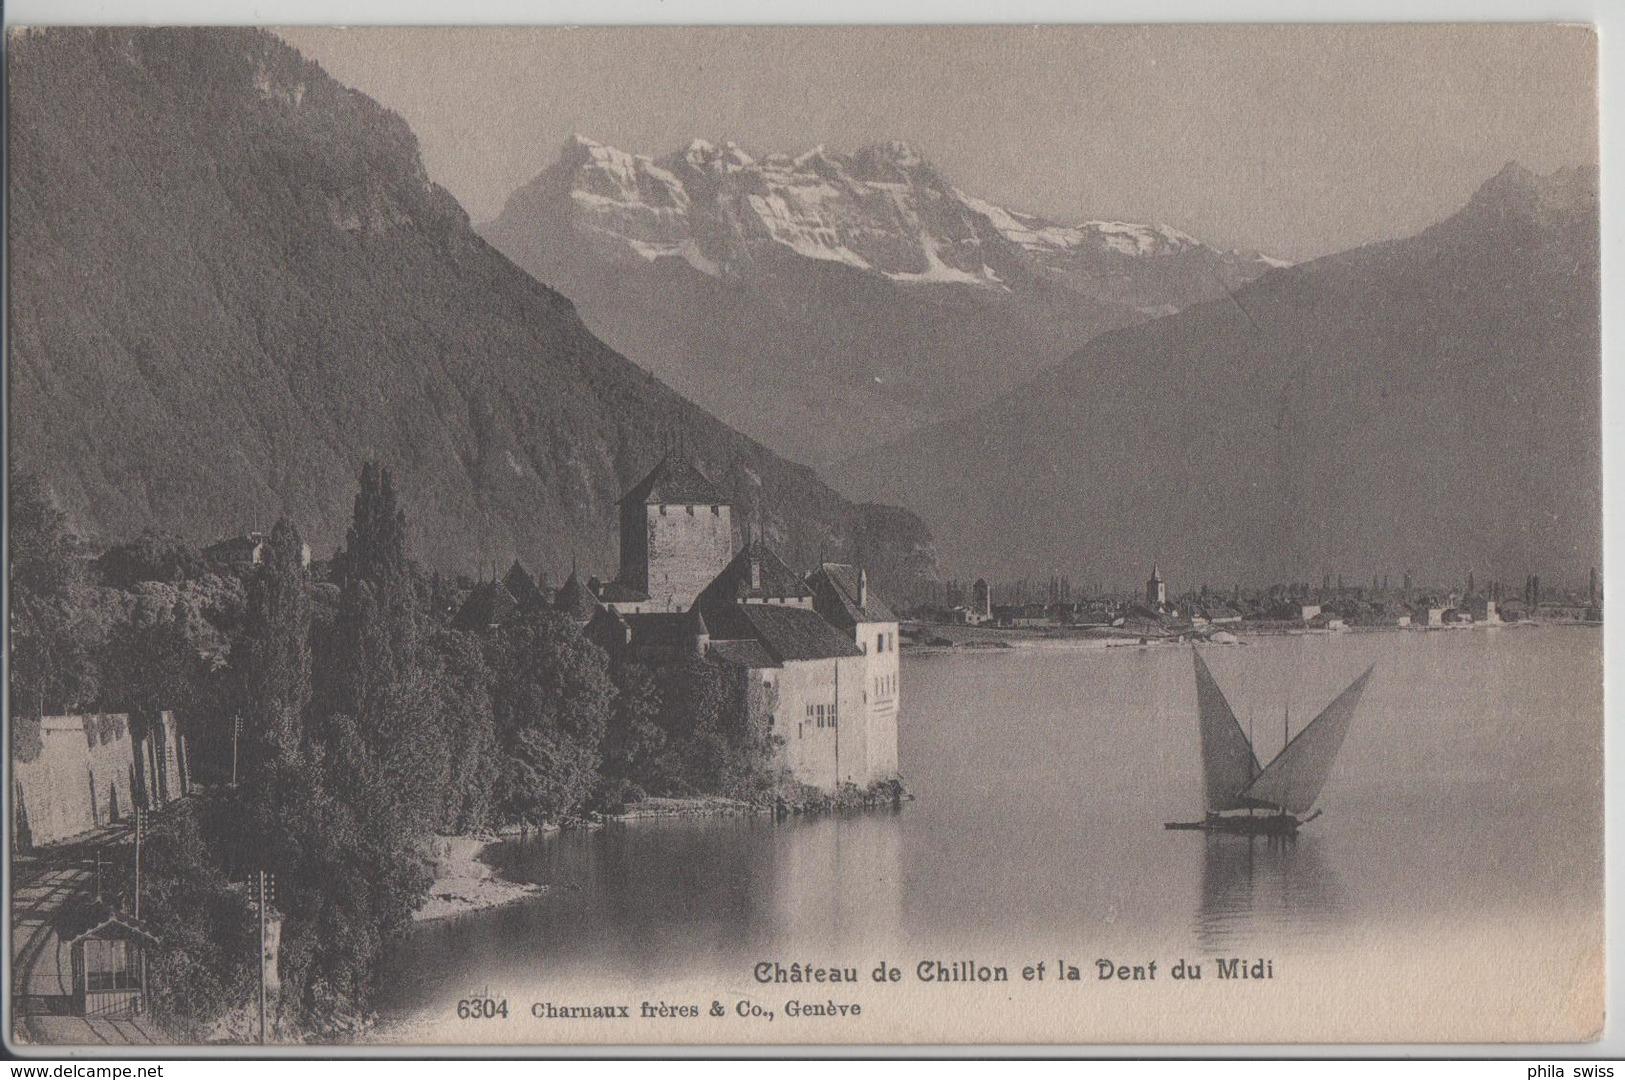 Chateau De Chillon Et La Dent Du Midi - Photo: Charnaux Freres No. 6304 - VD Vaud